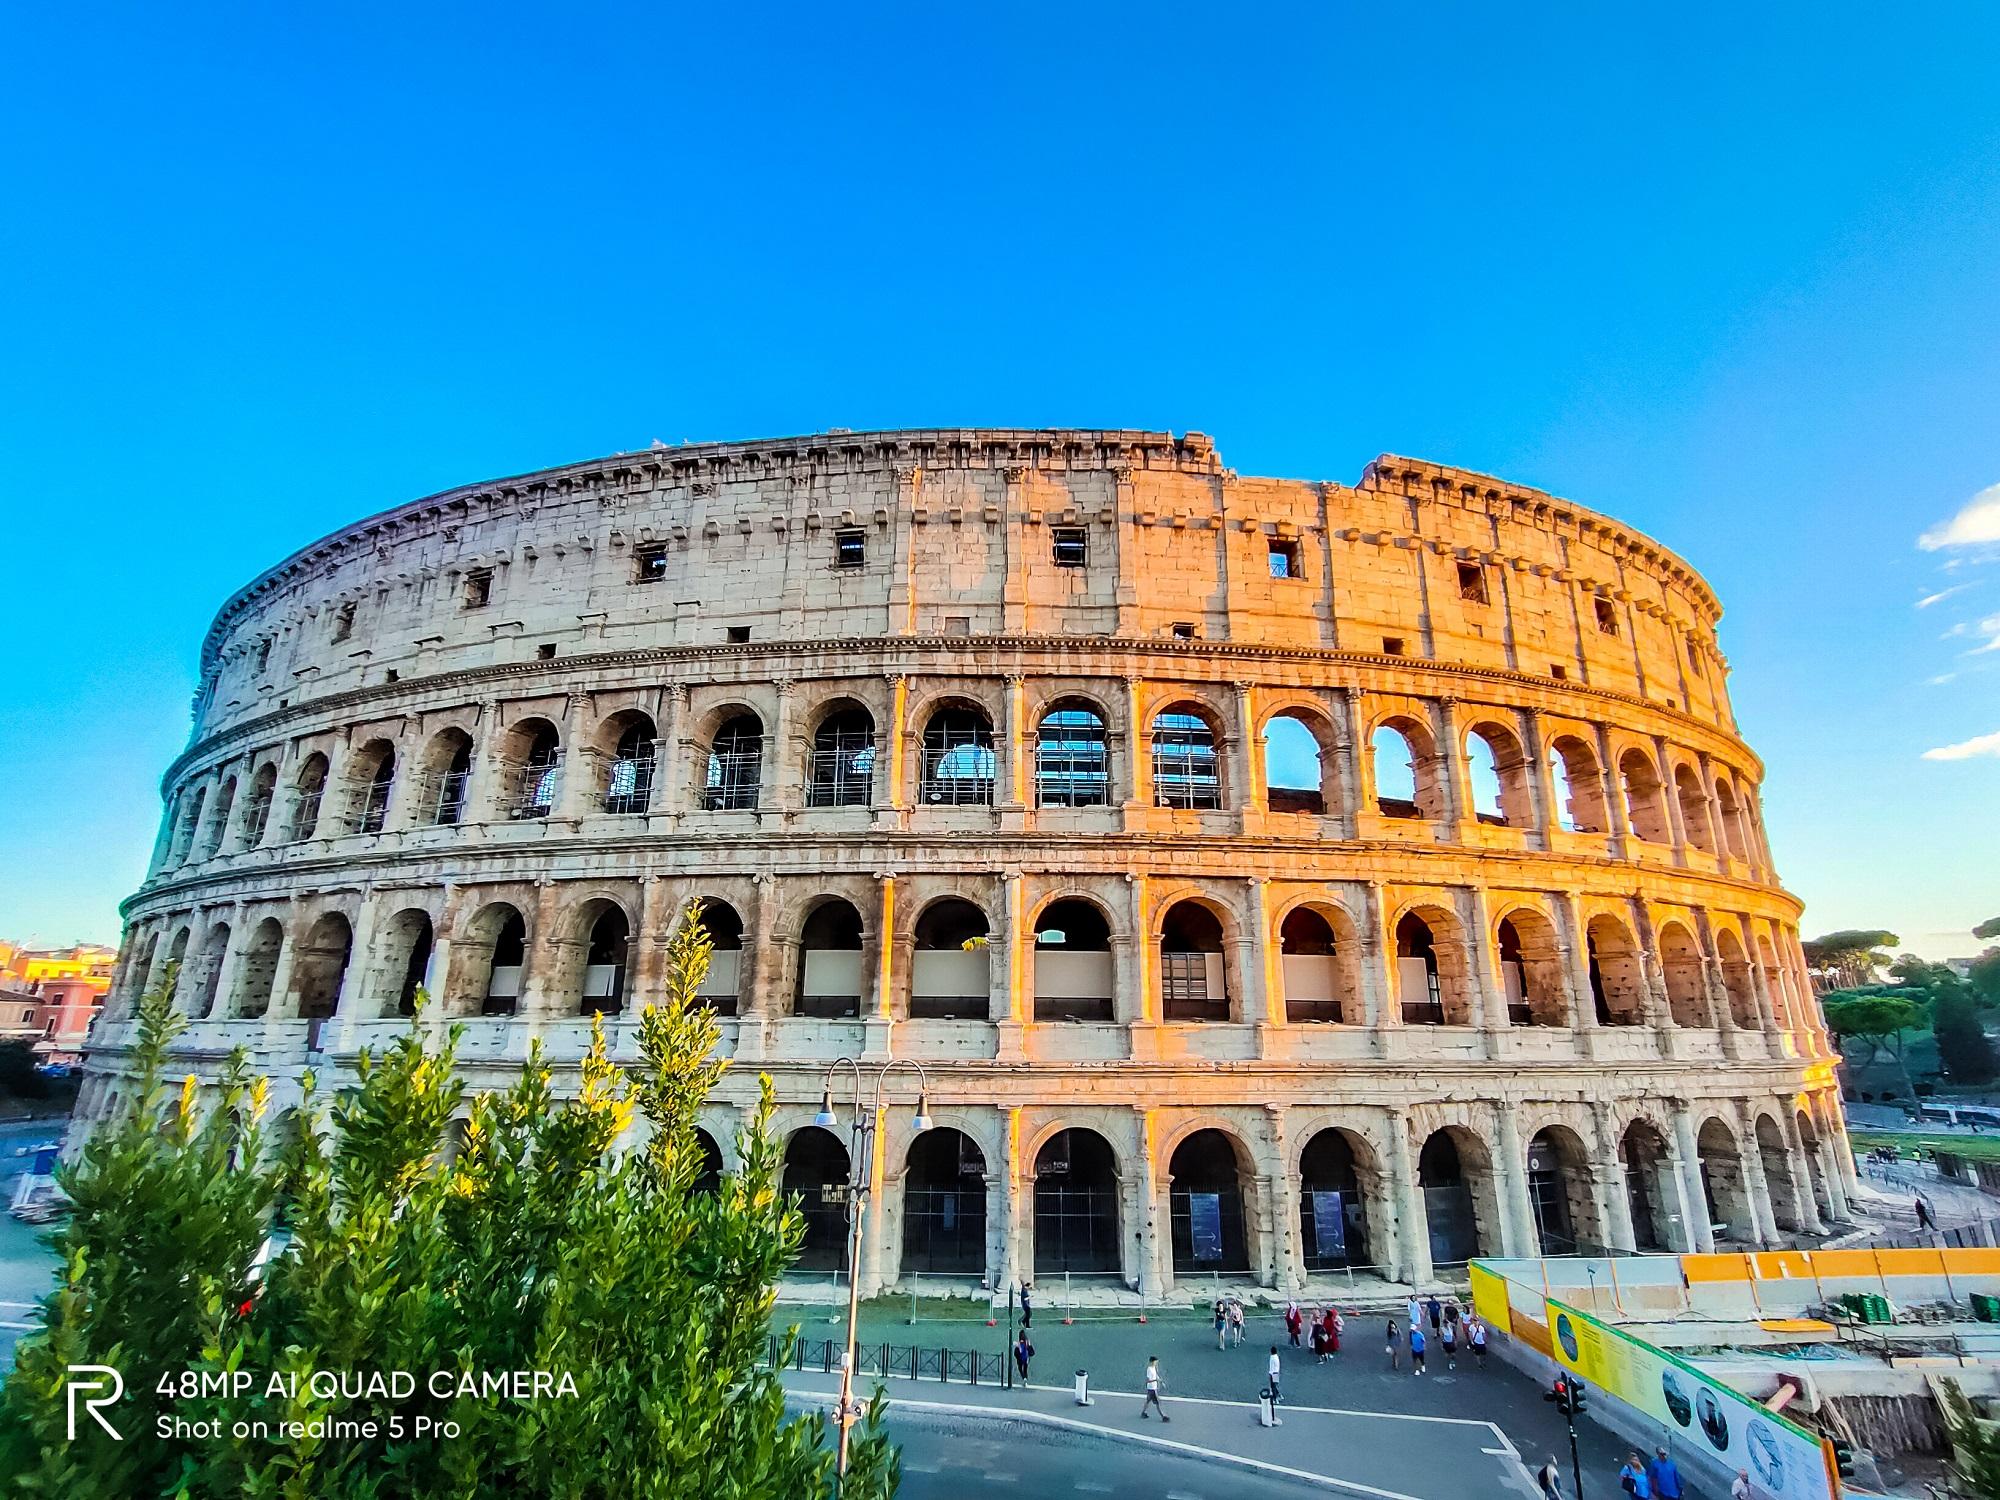 Toàn cảnh đấu trường La Mã được chụp bởi camera góc rộng Realme 5 Pro